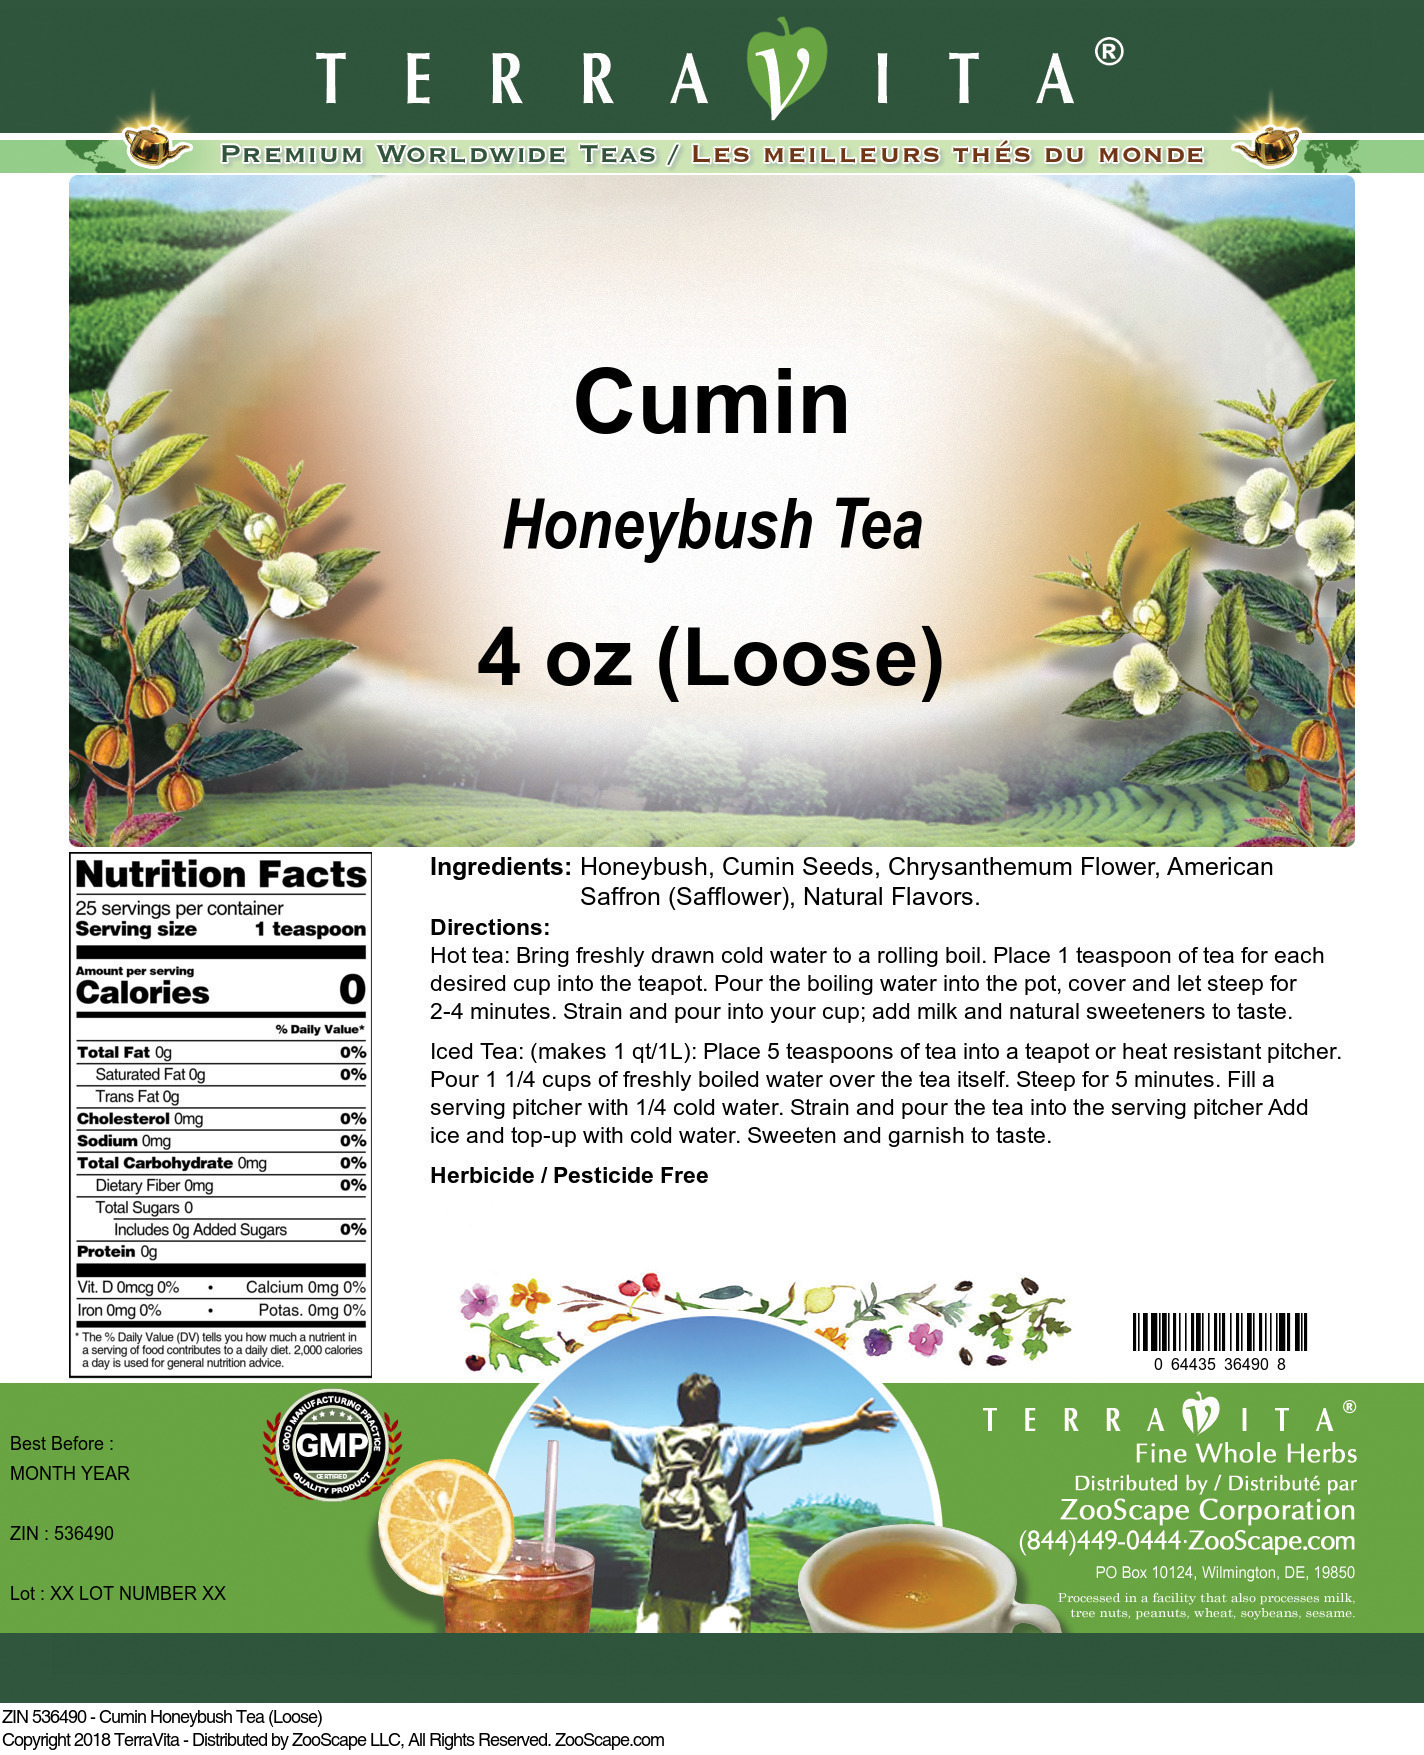 Cumin Honeybush Tea (Loose)